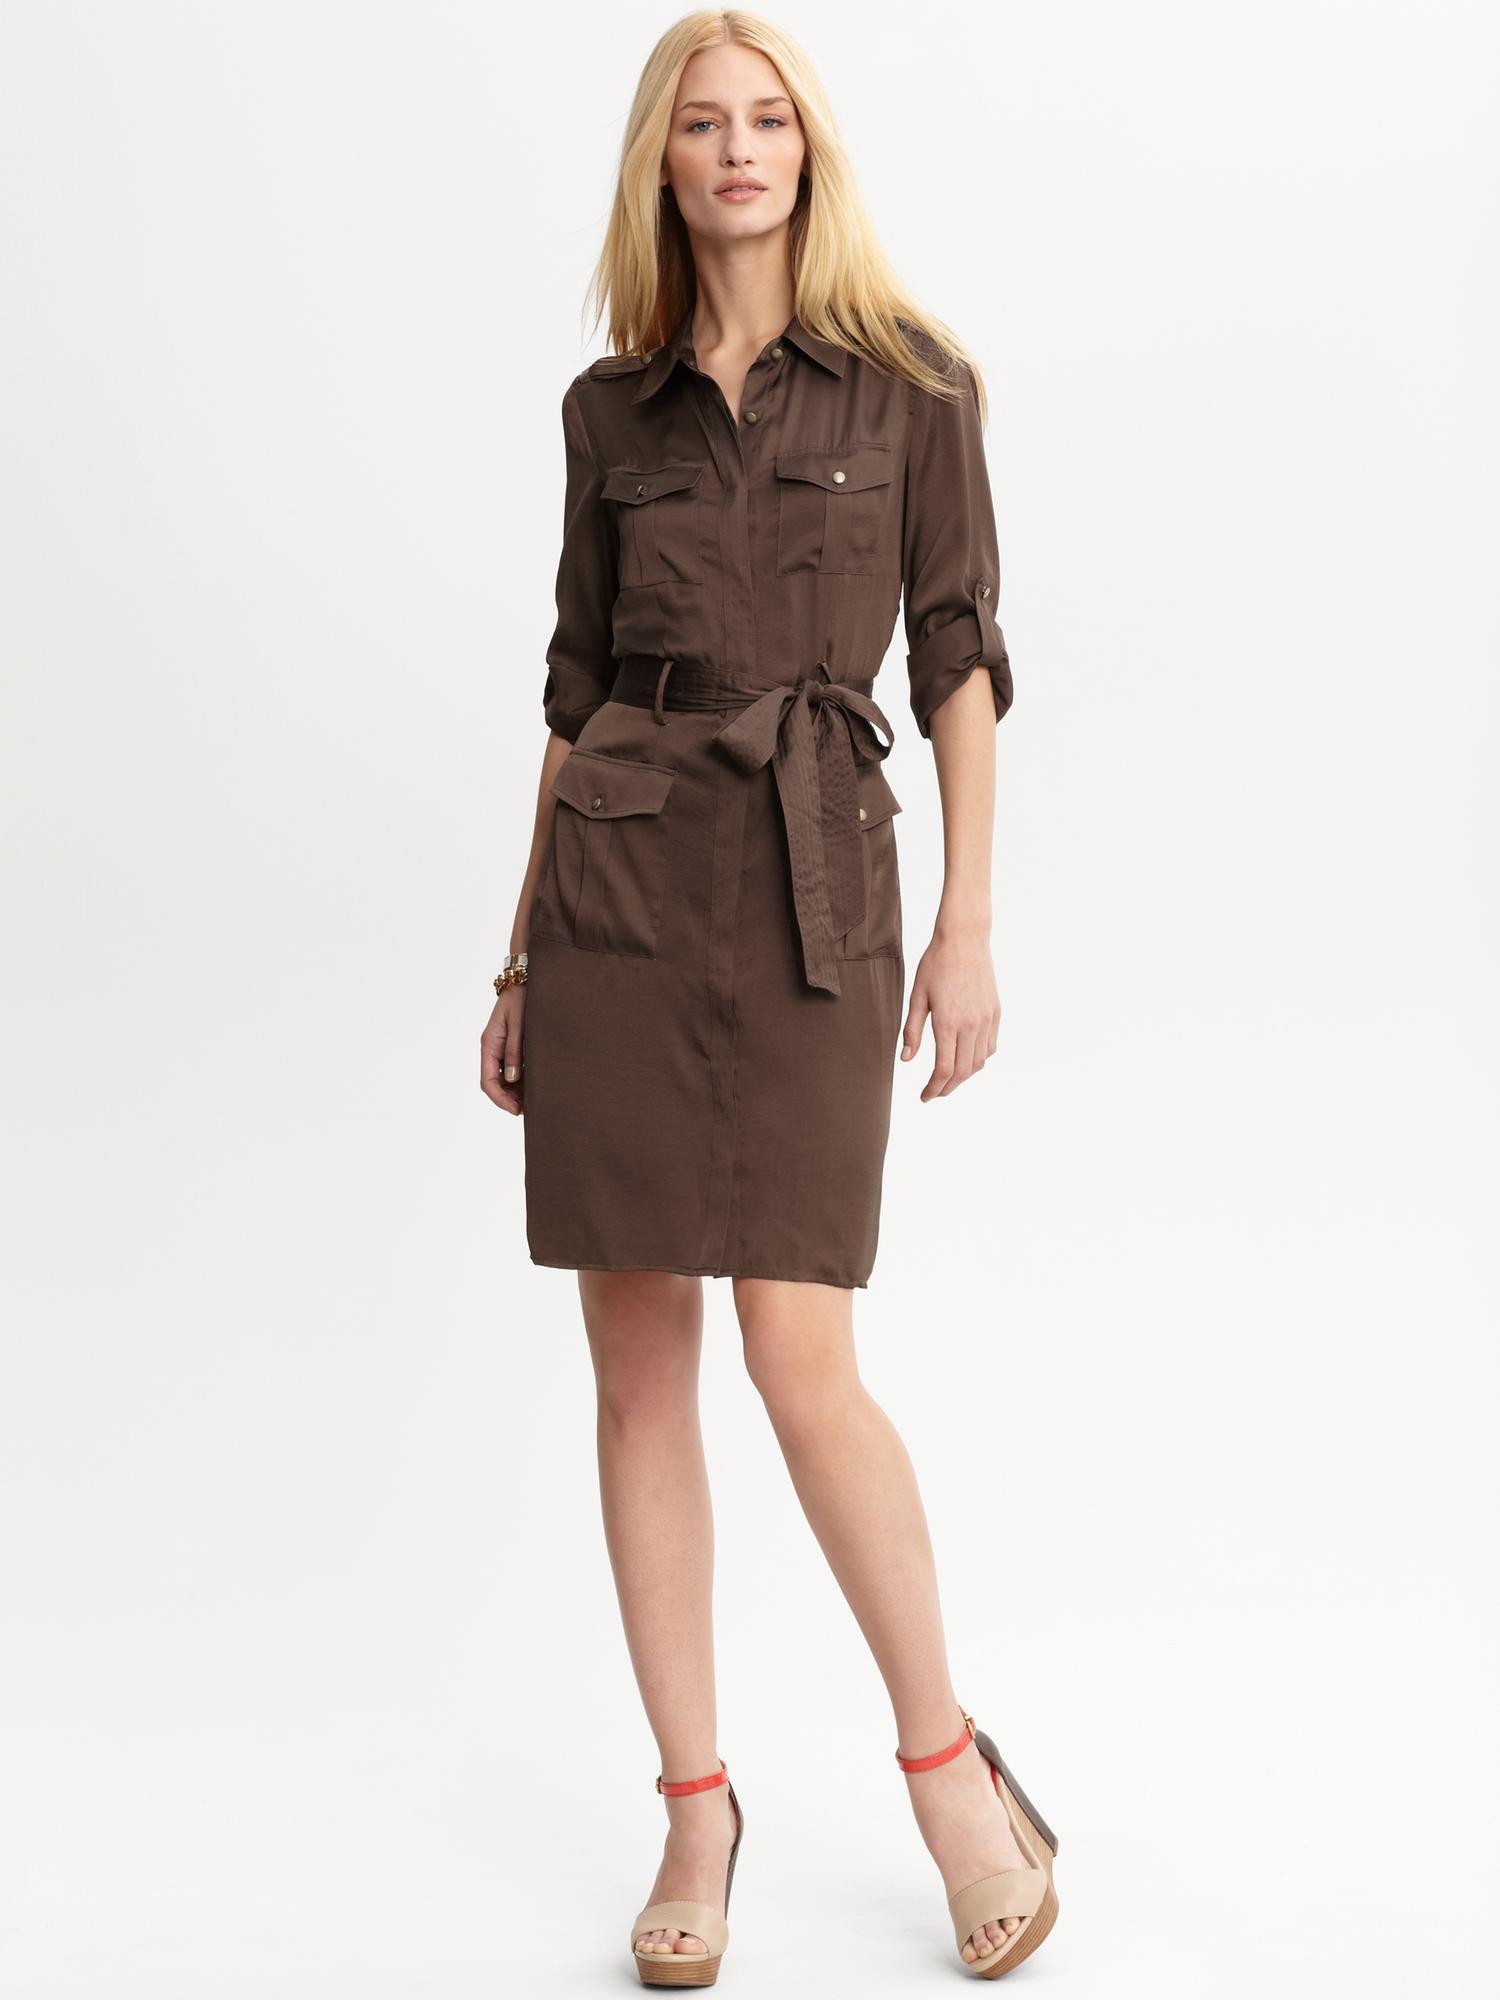 Brown Safari Dress images